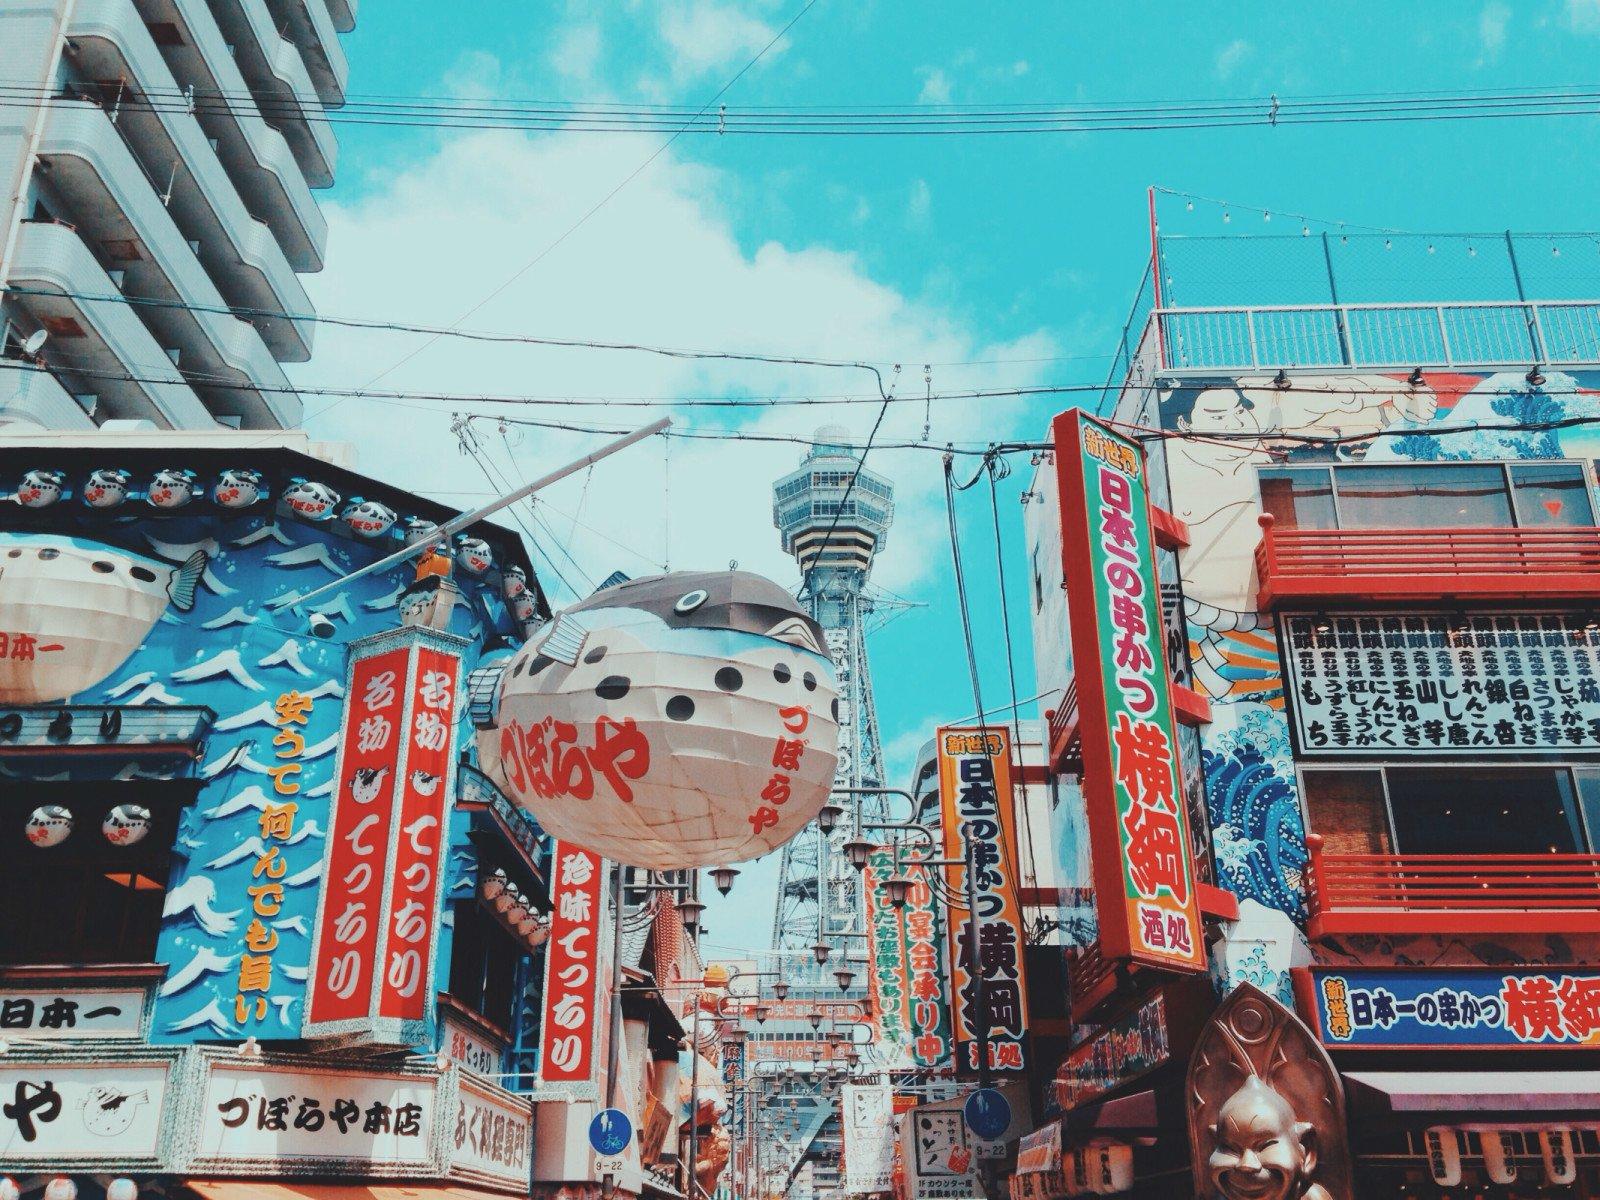 【夏の旅】遇见不一样的自己(大阪 京都 半田 东京)